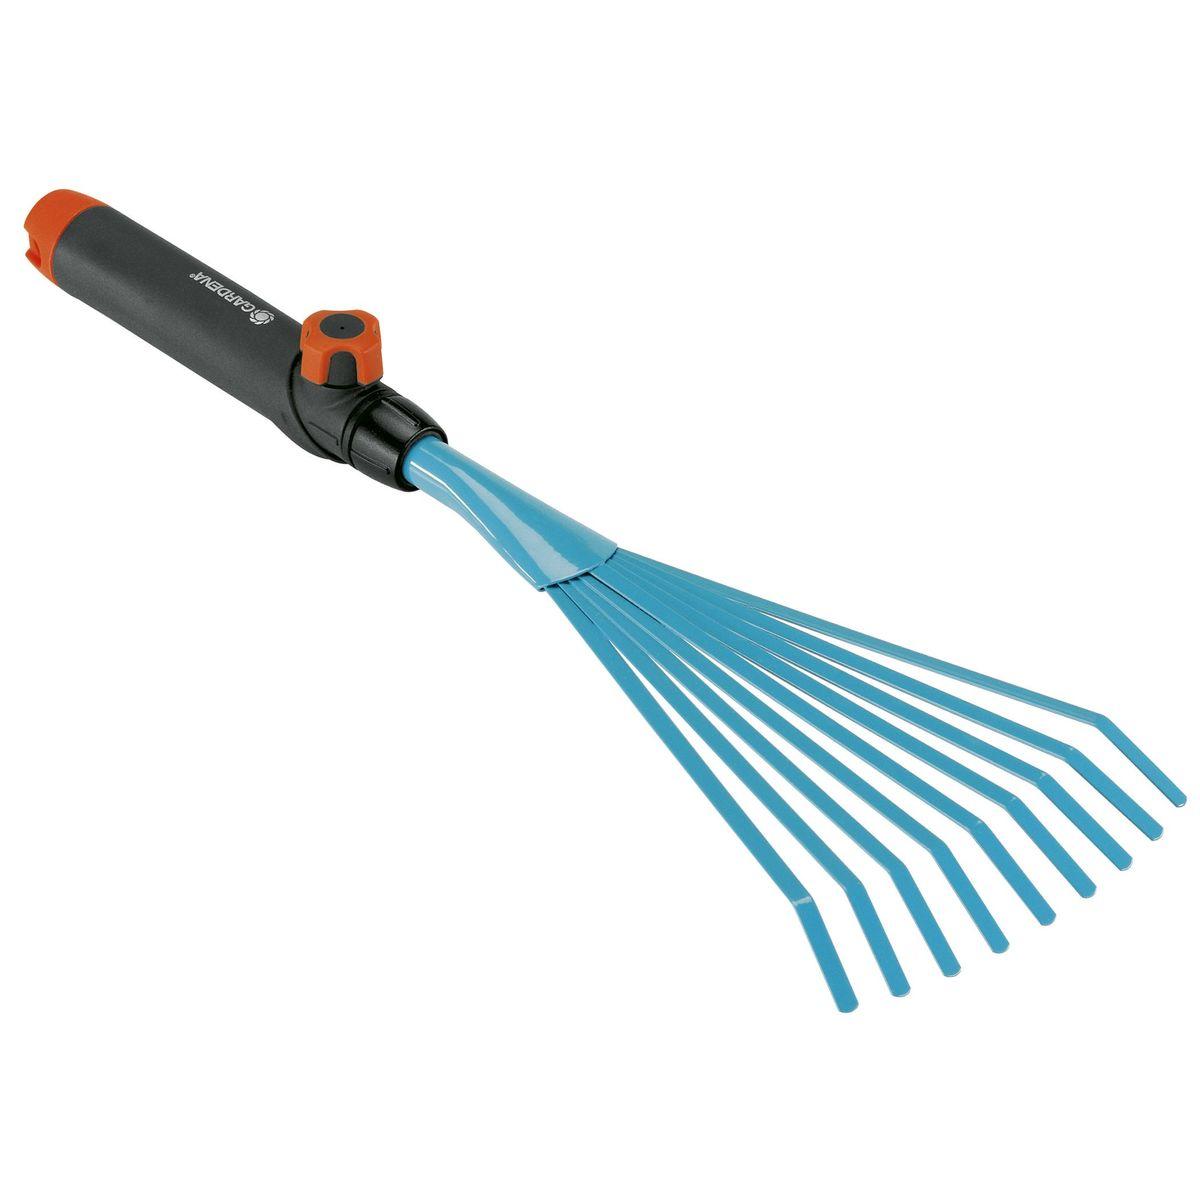 Грабли ручные Gardena08918-20.000.00Грабли ручные Gardena представляют собой идеальный инструмент для сбора листьев, сорняков и скошенной травы. Ручка специальной формы которая удобно лежит в руке легко снимается и может быть заменена на любую другую ручку, которая будет подходить пользователю по росту и избавлять от необходимости нагибаться. Грабли выполнены из высококачественной стали с покрытием из дюропласта. Рабочая ширина граблей - 12 см;Рекомендуемая длина ручки - 150 см.